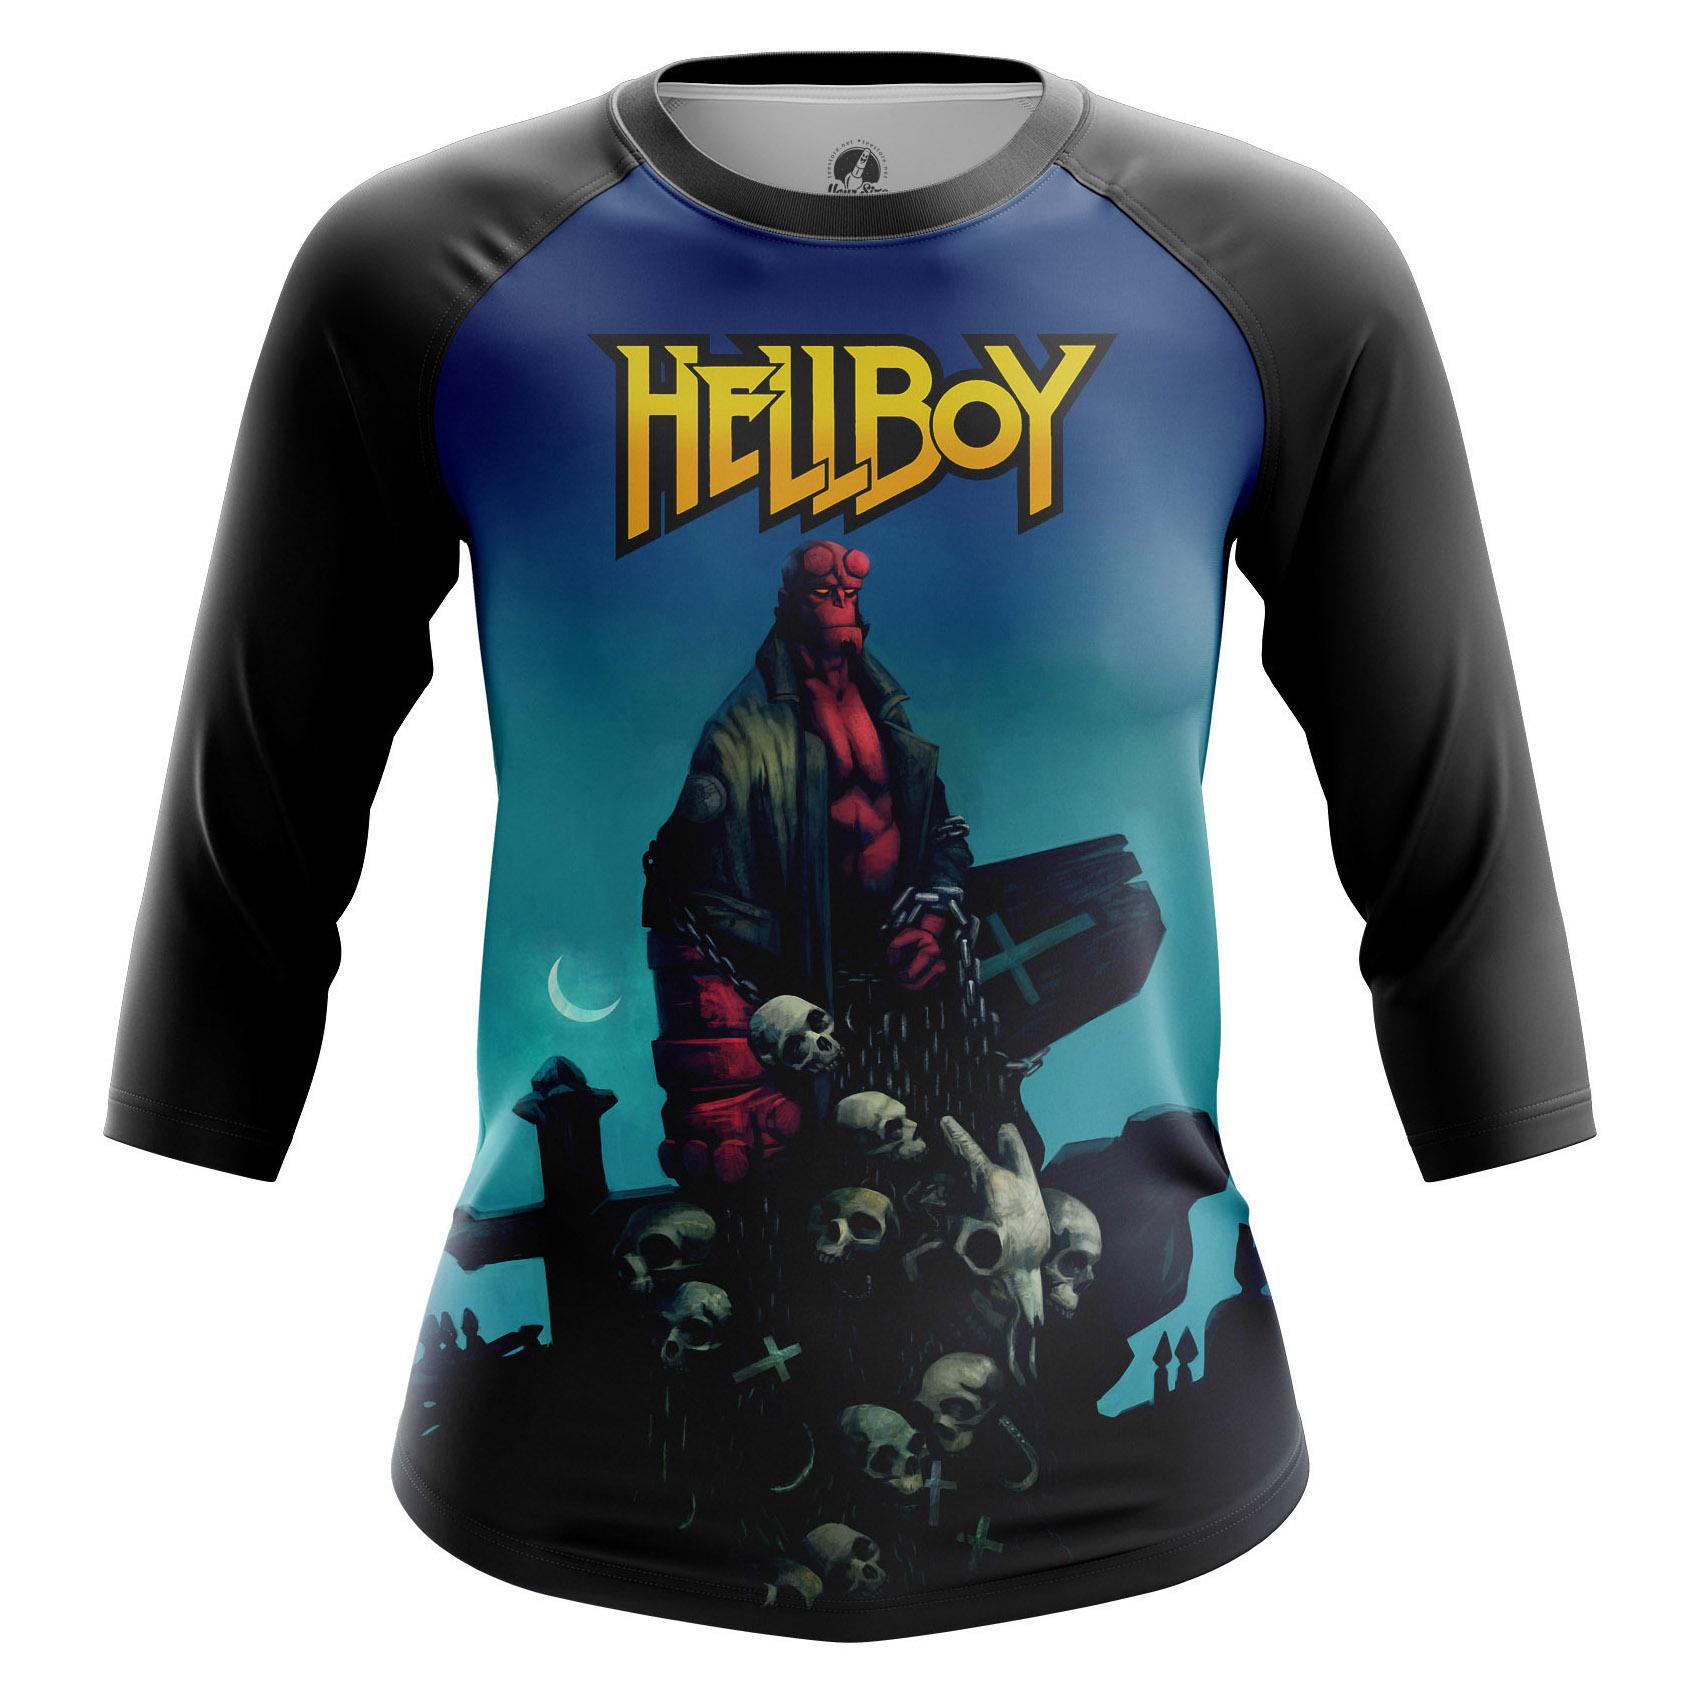 - W Rag Hellboy 1482275334 301